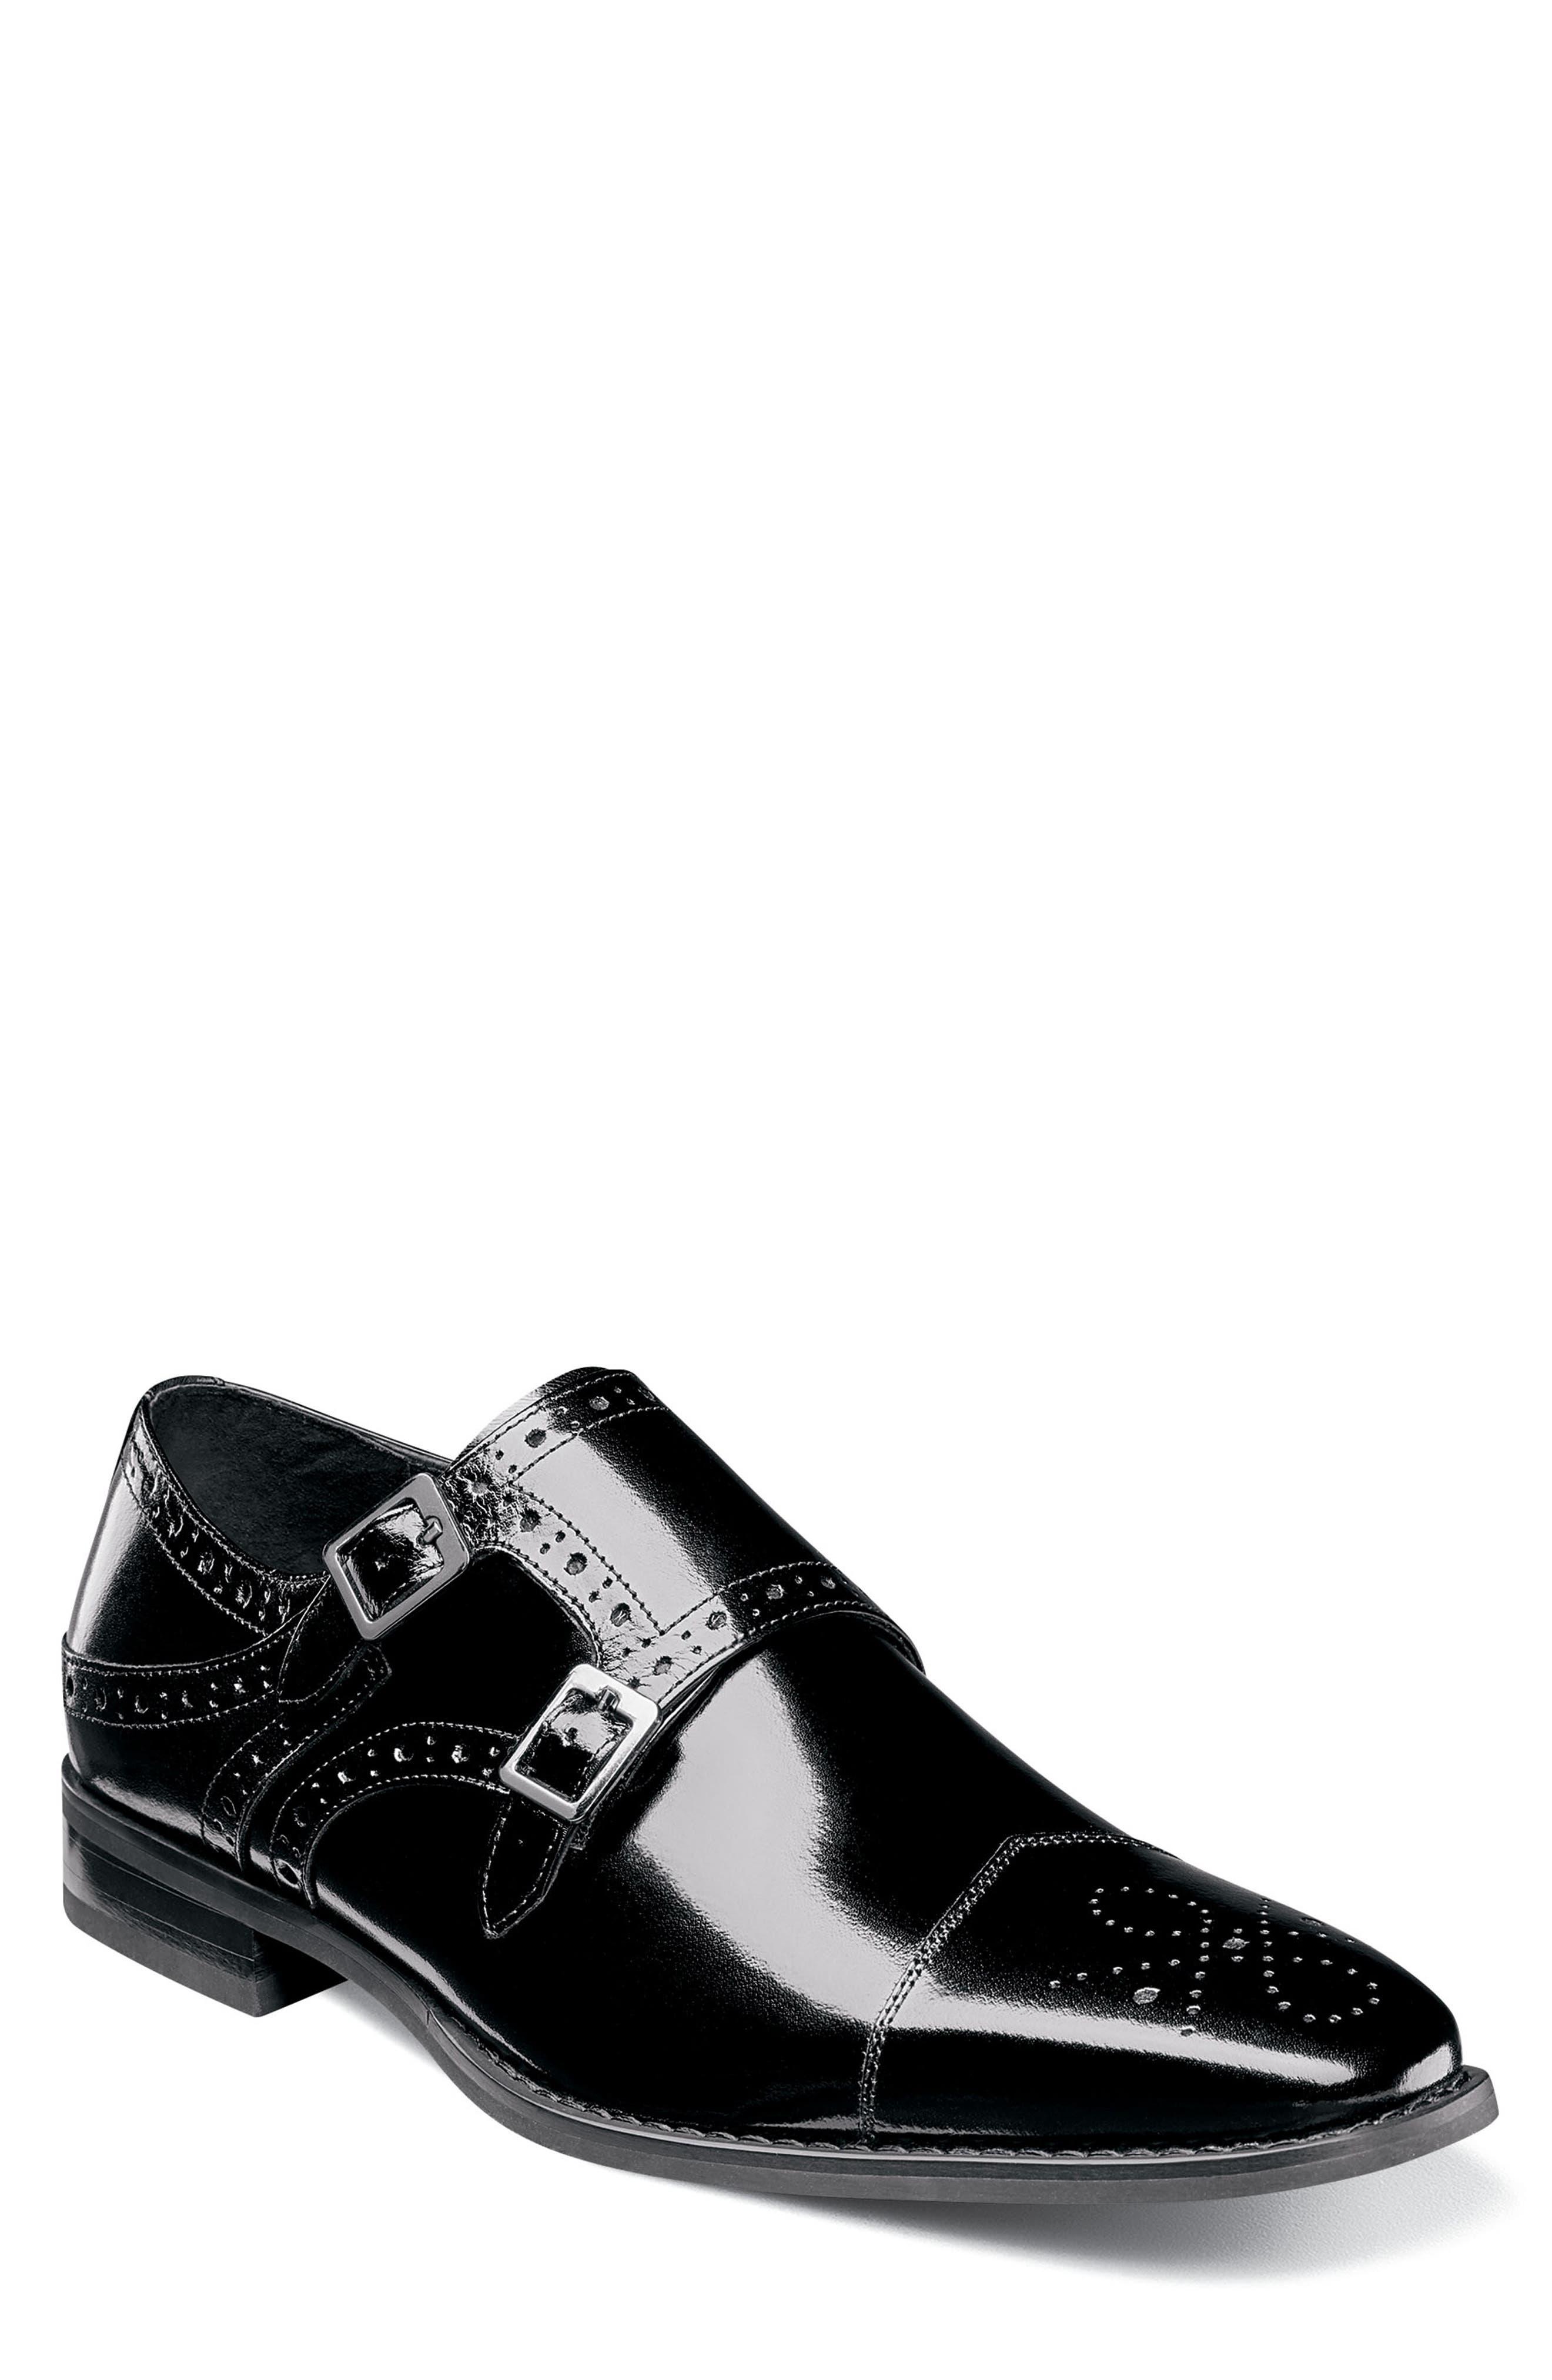 Tayton Cap Toe Double Strap Monk Shoe,                         Main,                         color, 001